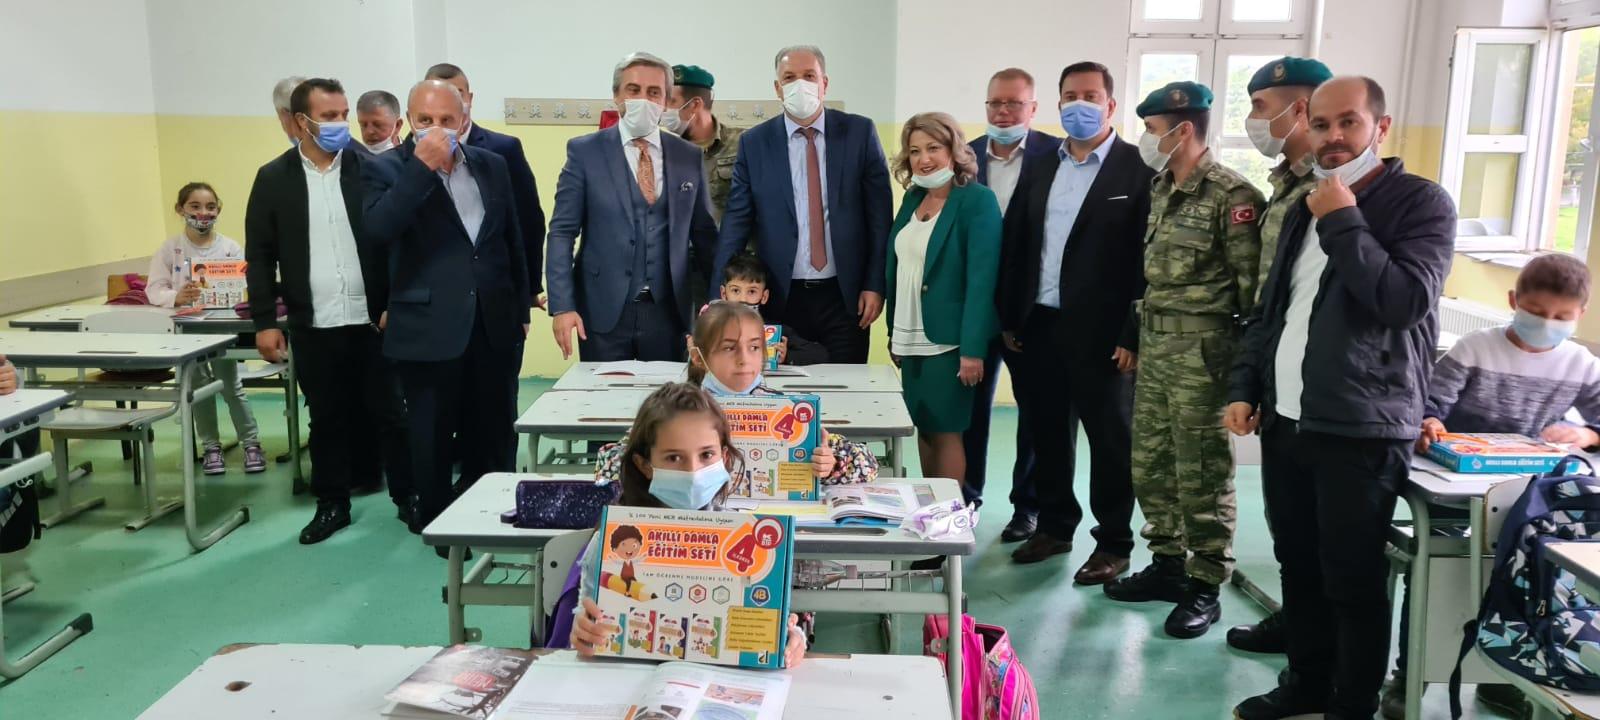 Türkçe Eğitim Setlerinin Dağıtımına Mamuşa'da Devam Edildi